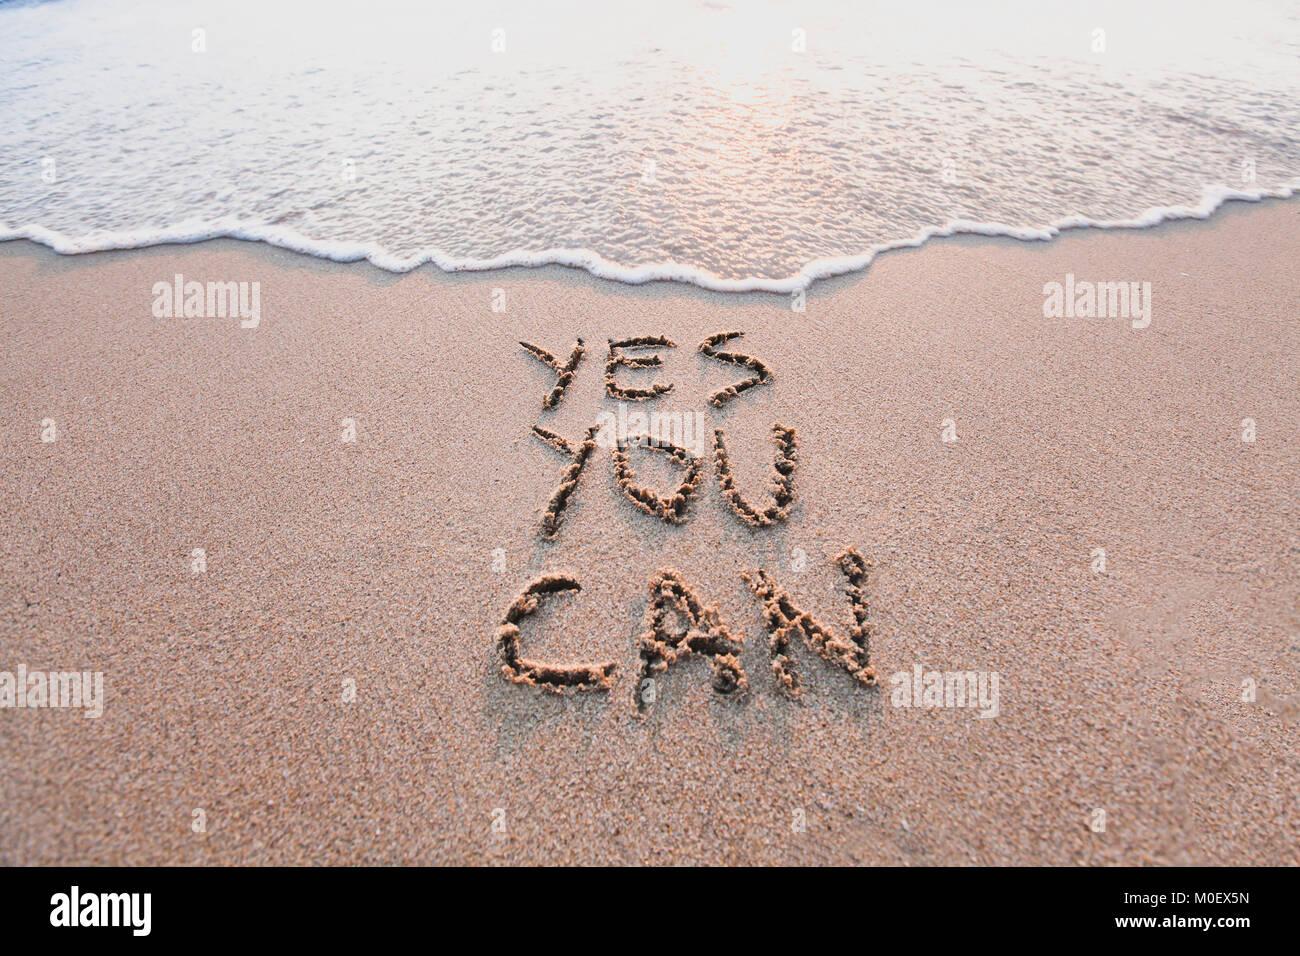 Ja, Sie können, motivational inspirational Nachricht Konzept auf dem Sand des Strandes geschrieben Stockbild